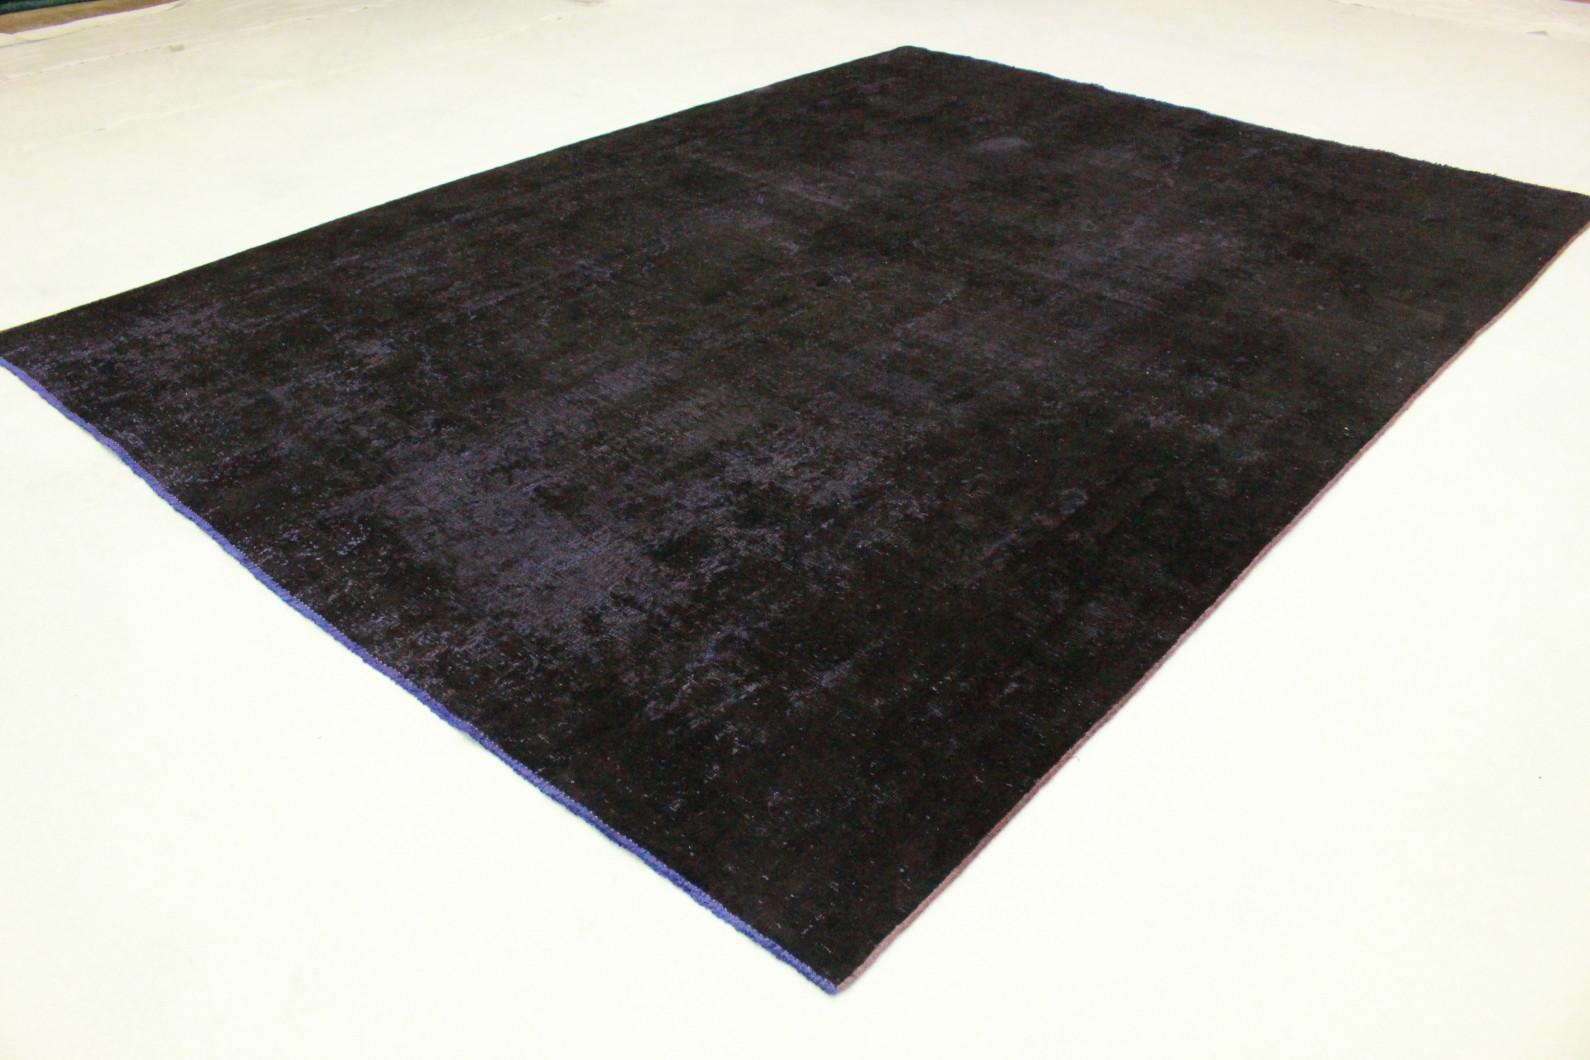 vintage teppich schwarz lila in 330x240 1001 3505 bei kaufen. Black Bedroom Furniture Sets. Home Design Ideas